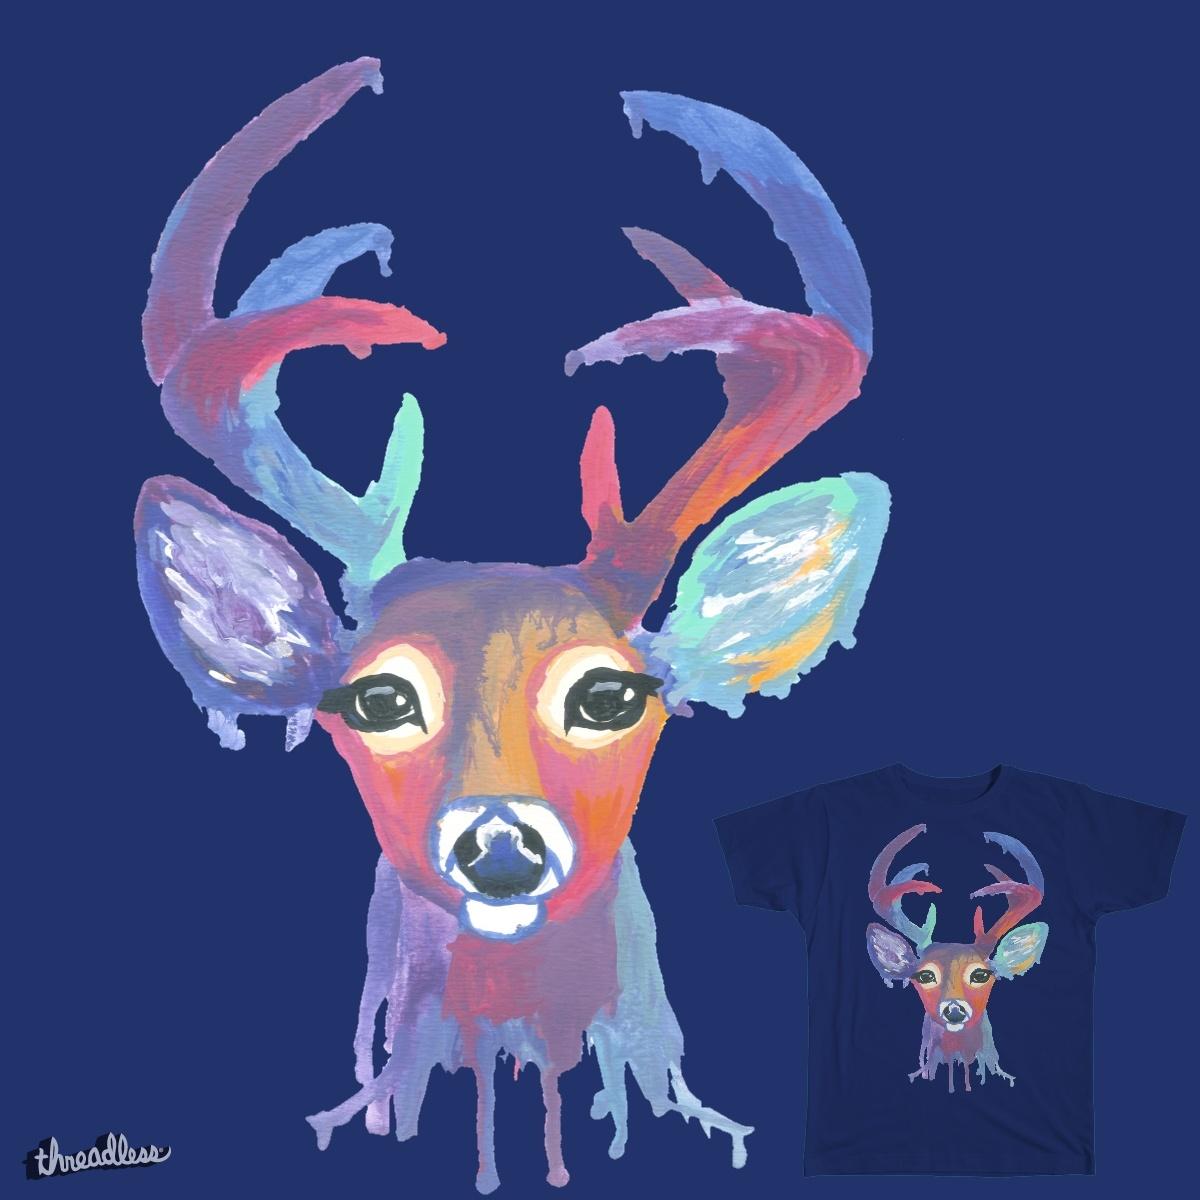 Rainbow Deer Head by Zeldy on Threadless